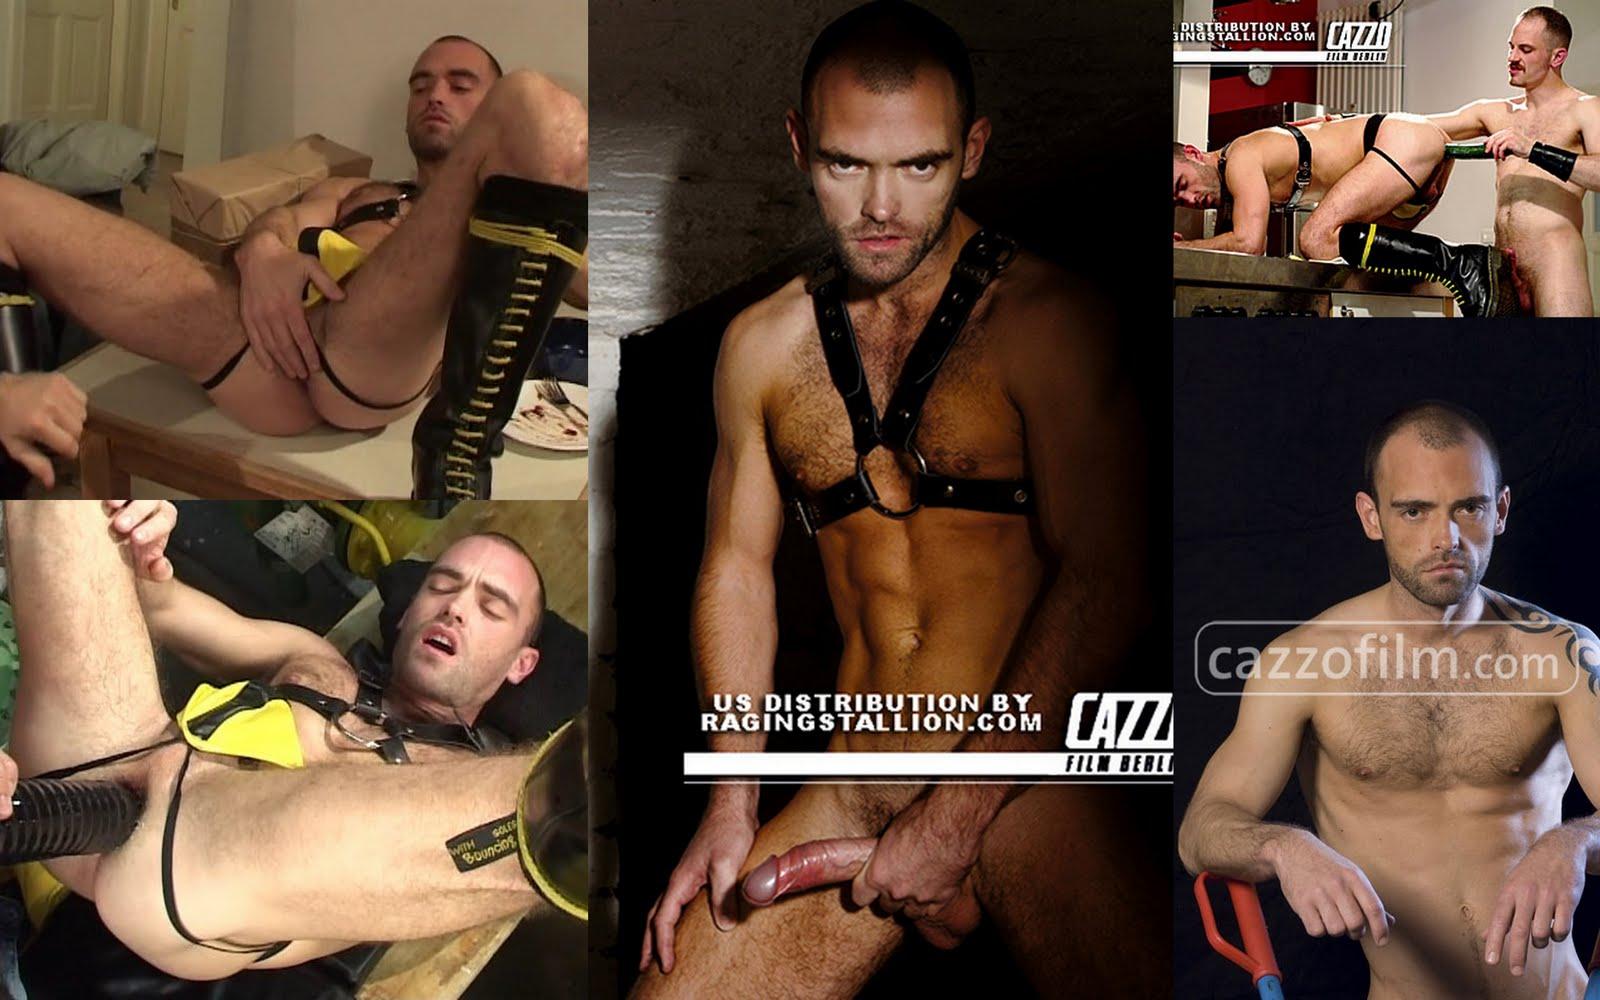 http://1.bp.blogspot.com/-priL7pMeiZk/TfEk8JNjeNI/AAAAAAAABWY/AskpGlK0L4o/s1600/Jenson+Lomax+-+Cazzo+Works.jpg